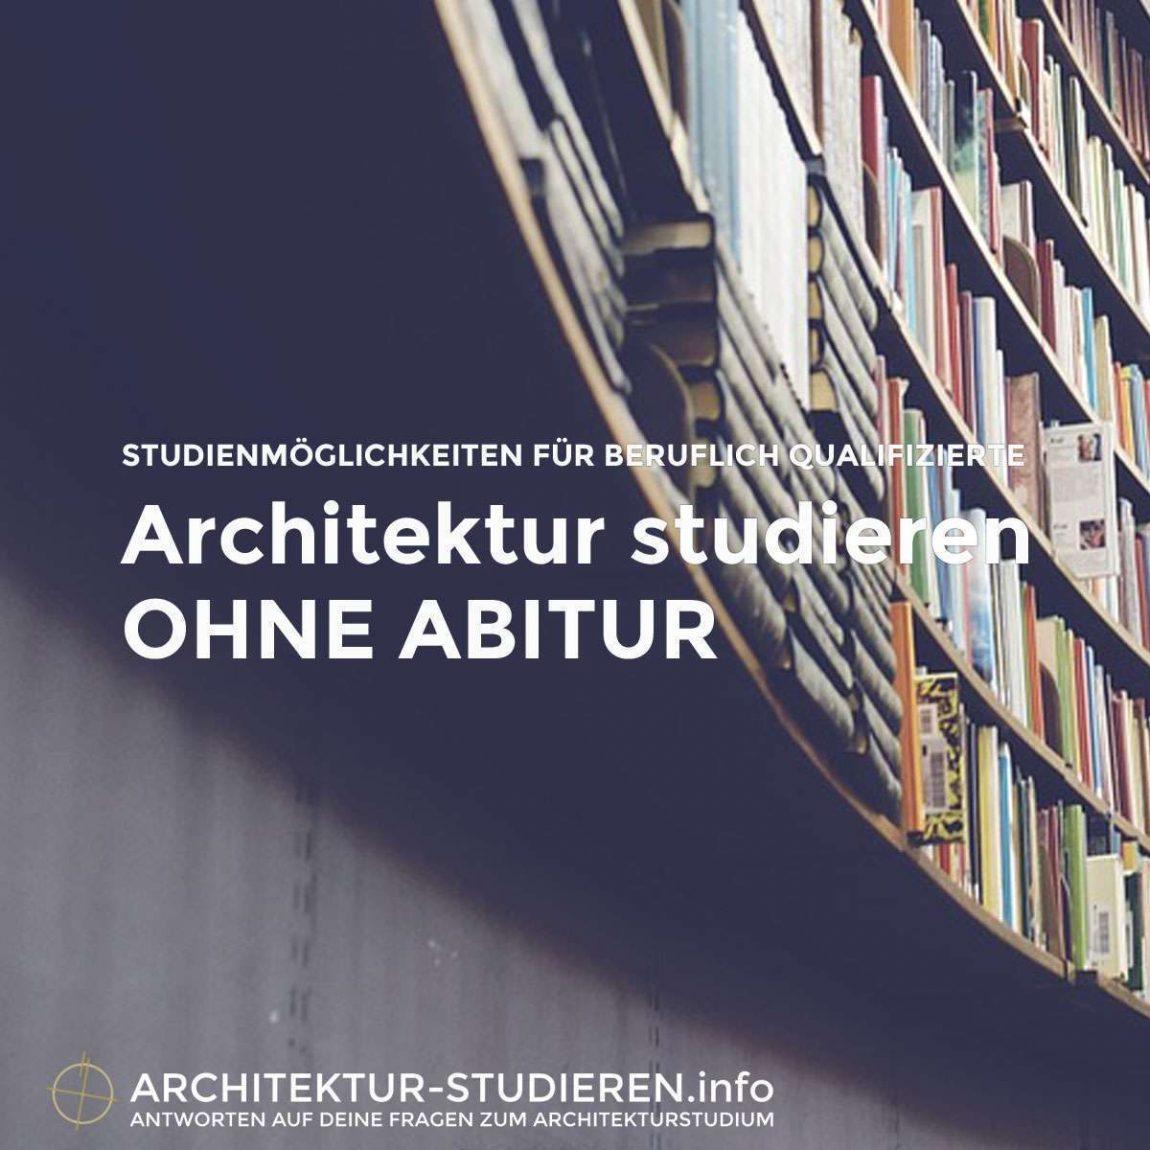 Architektur studieren ohne Abitur | © Architektur-studieren.info